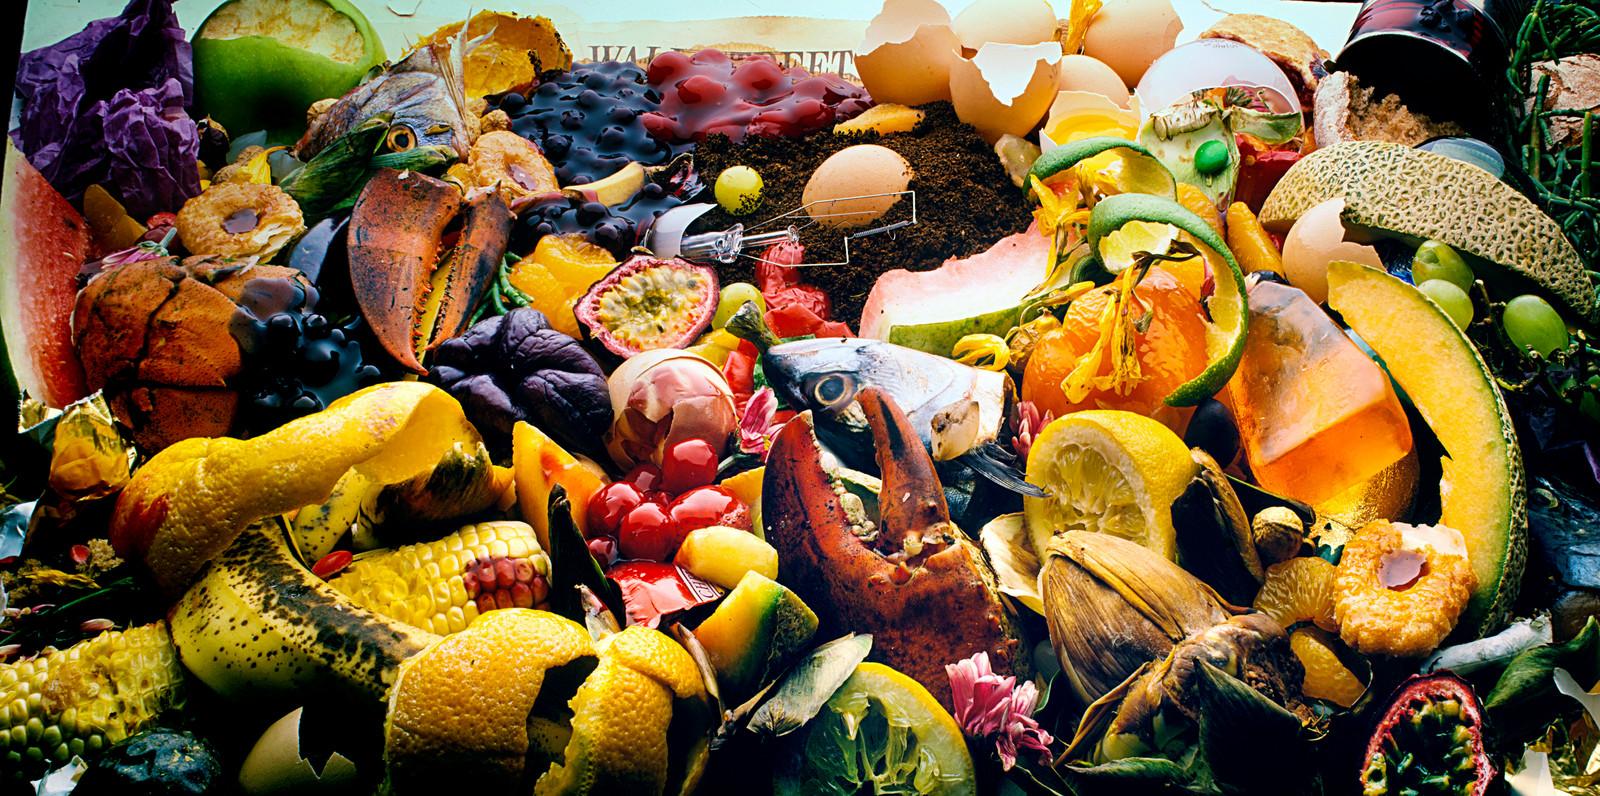 Groente-, fruit- en tuinafval, een 'heerlijke' mix.